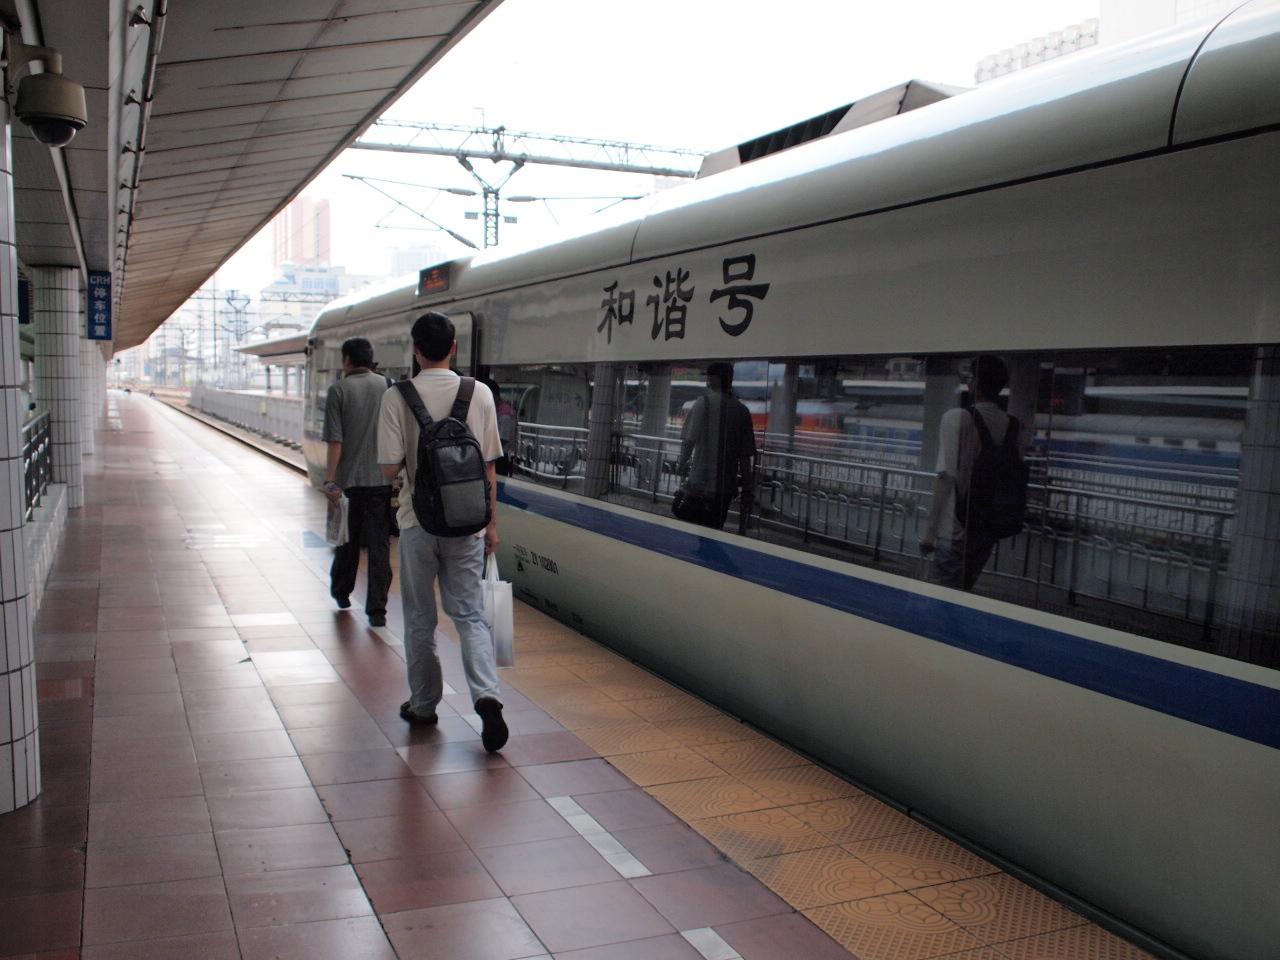 中国訪問_b0201492_16272068.jpg